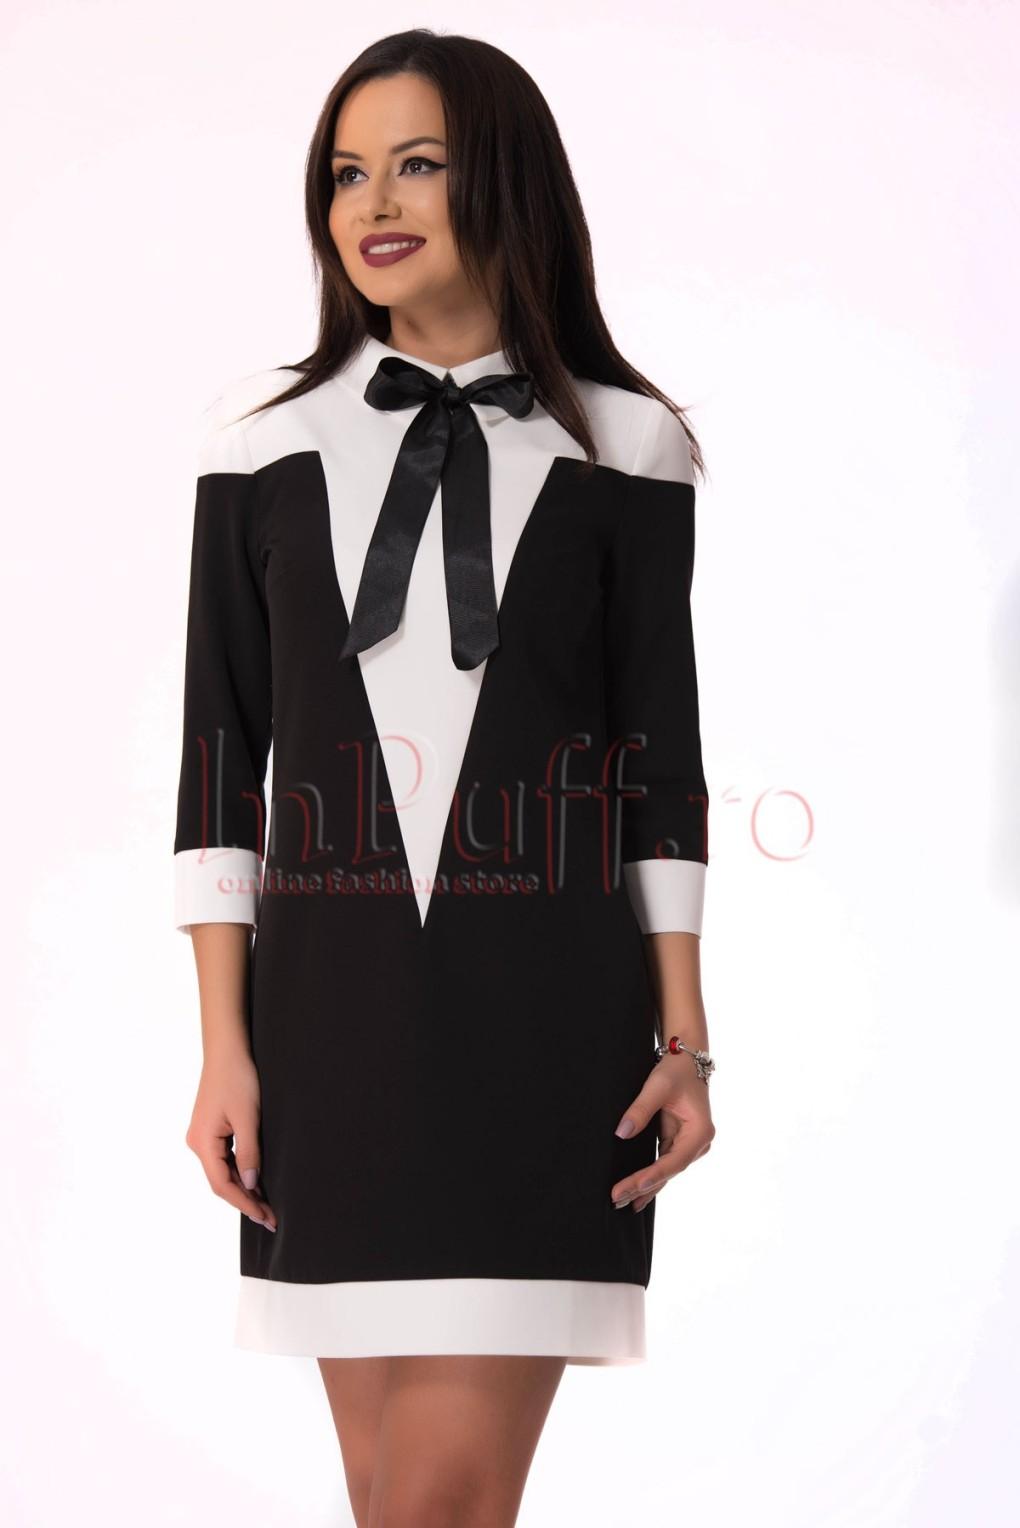 rochie-lejera-alb-cu-negru-1517324380-4